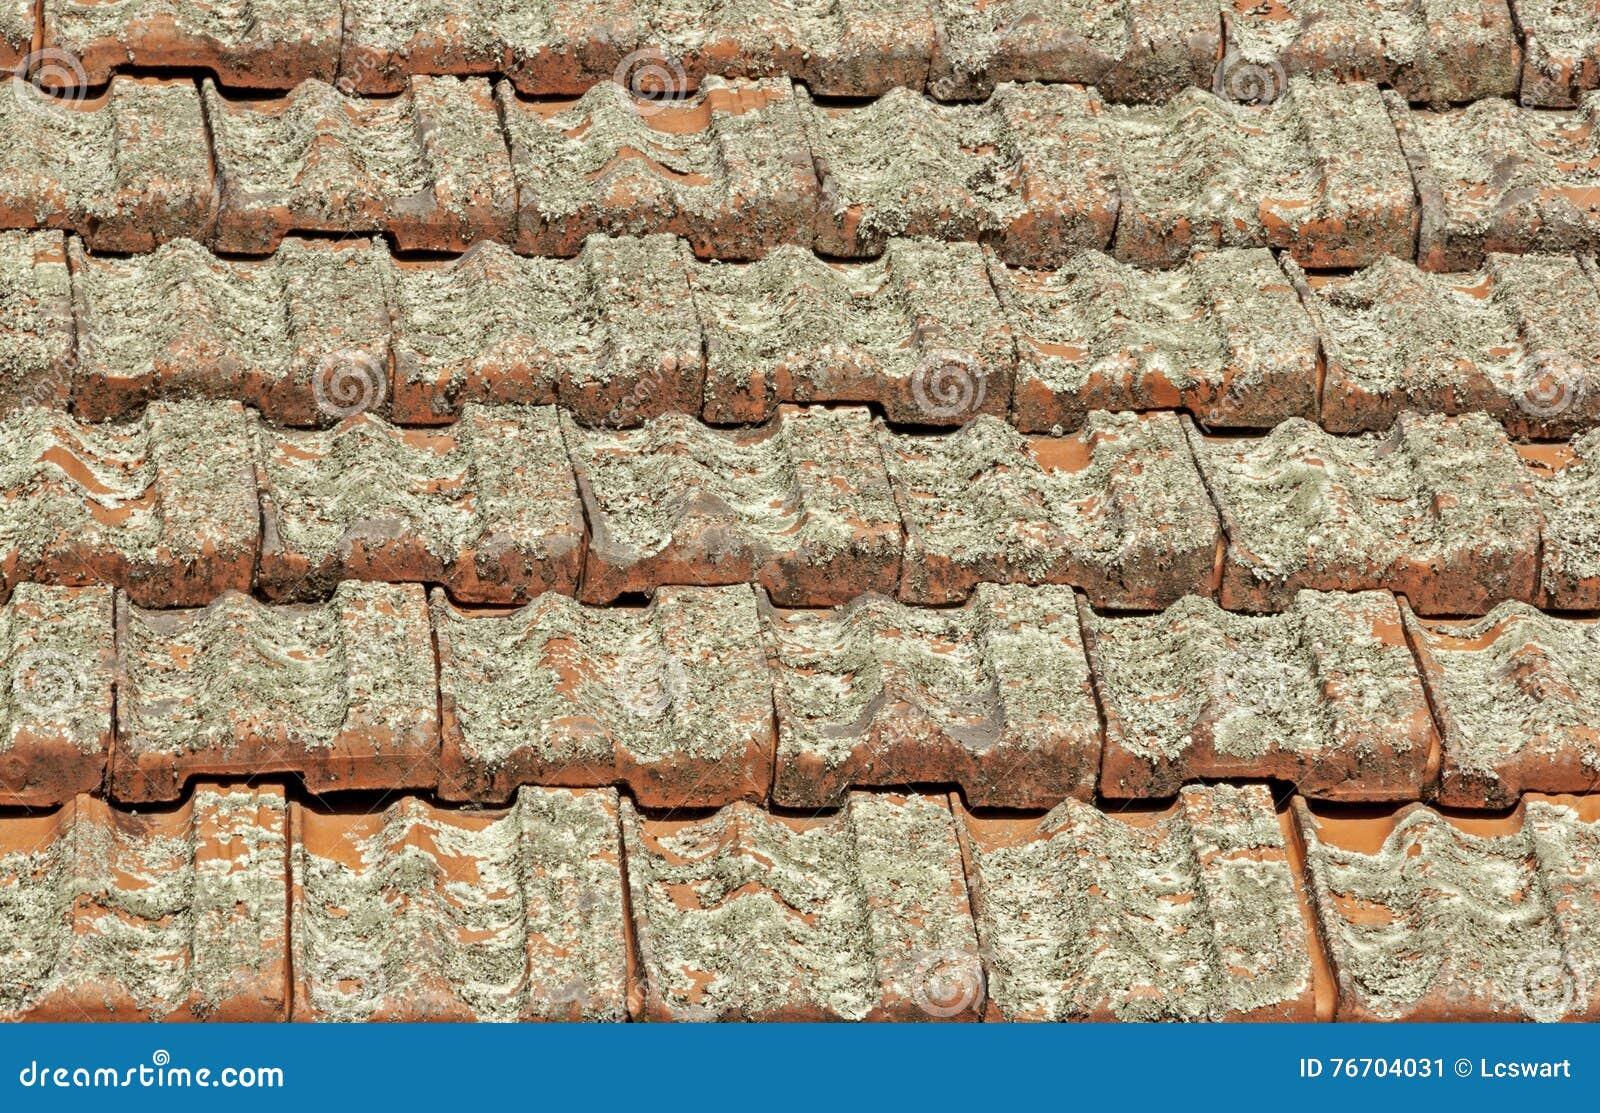 Telhas de telhado da terracota cobertas em Lichen Fungus